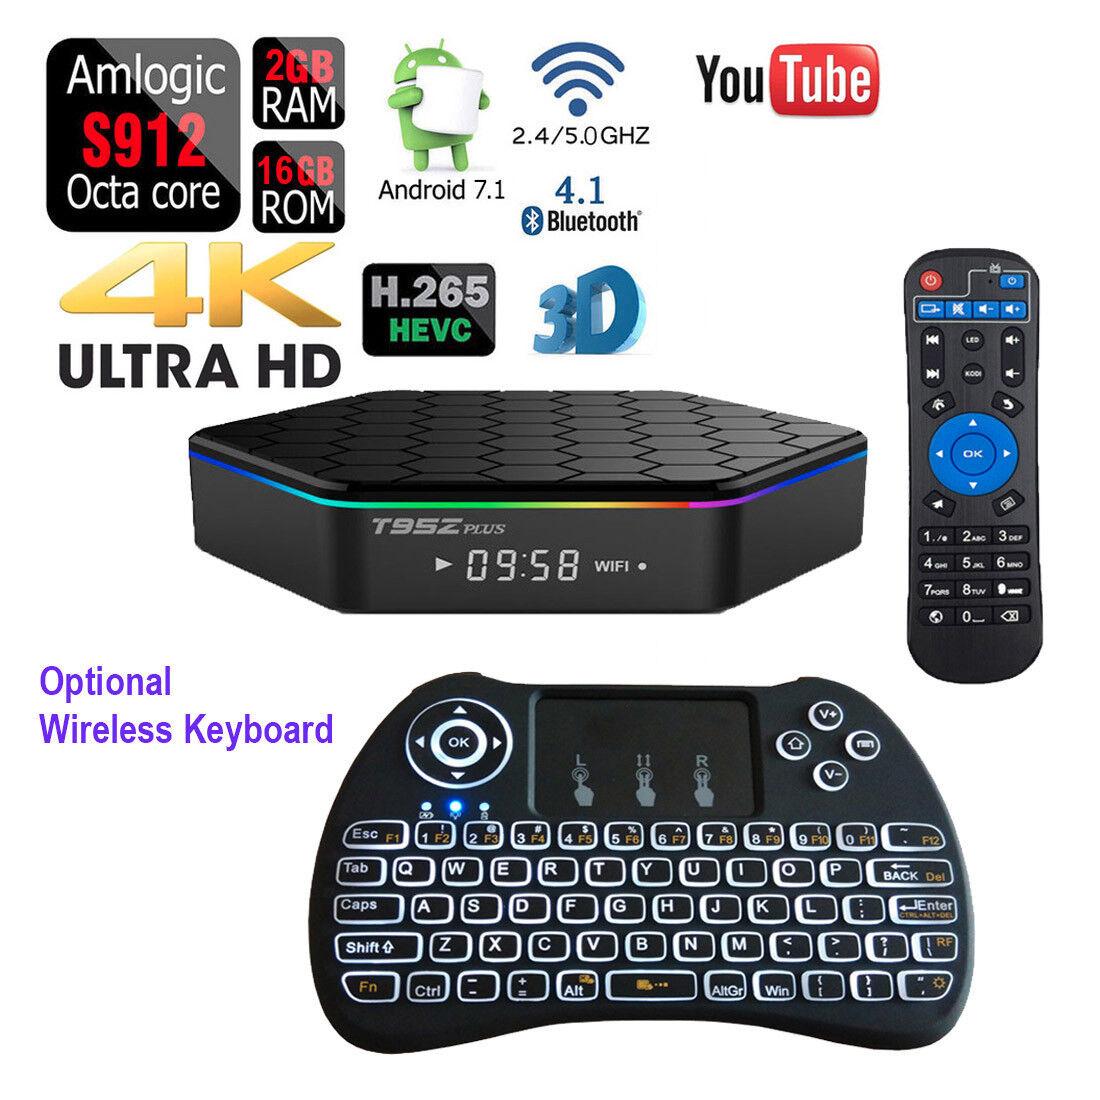 s-l1600 Android 7.1 T95Z PLUS Octa Core 1080p 4K 3D Dual Wifi TV Box+Wireless Keyboard